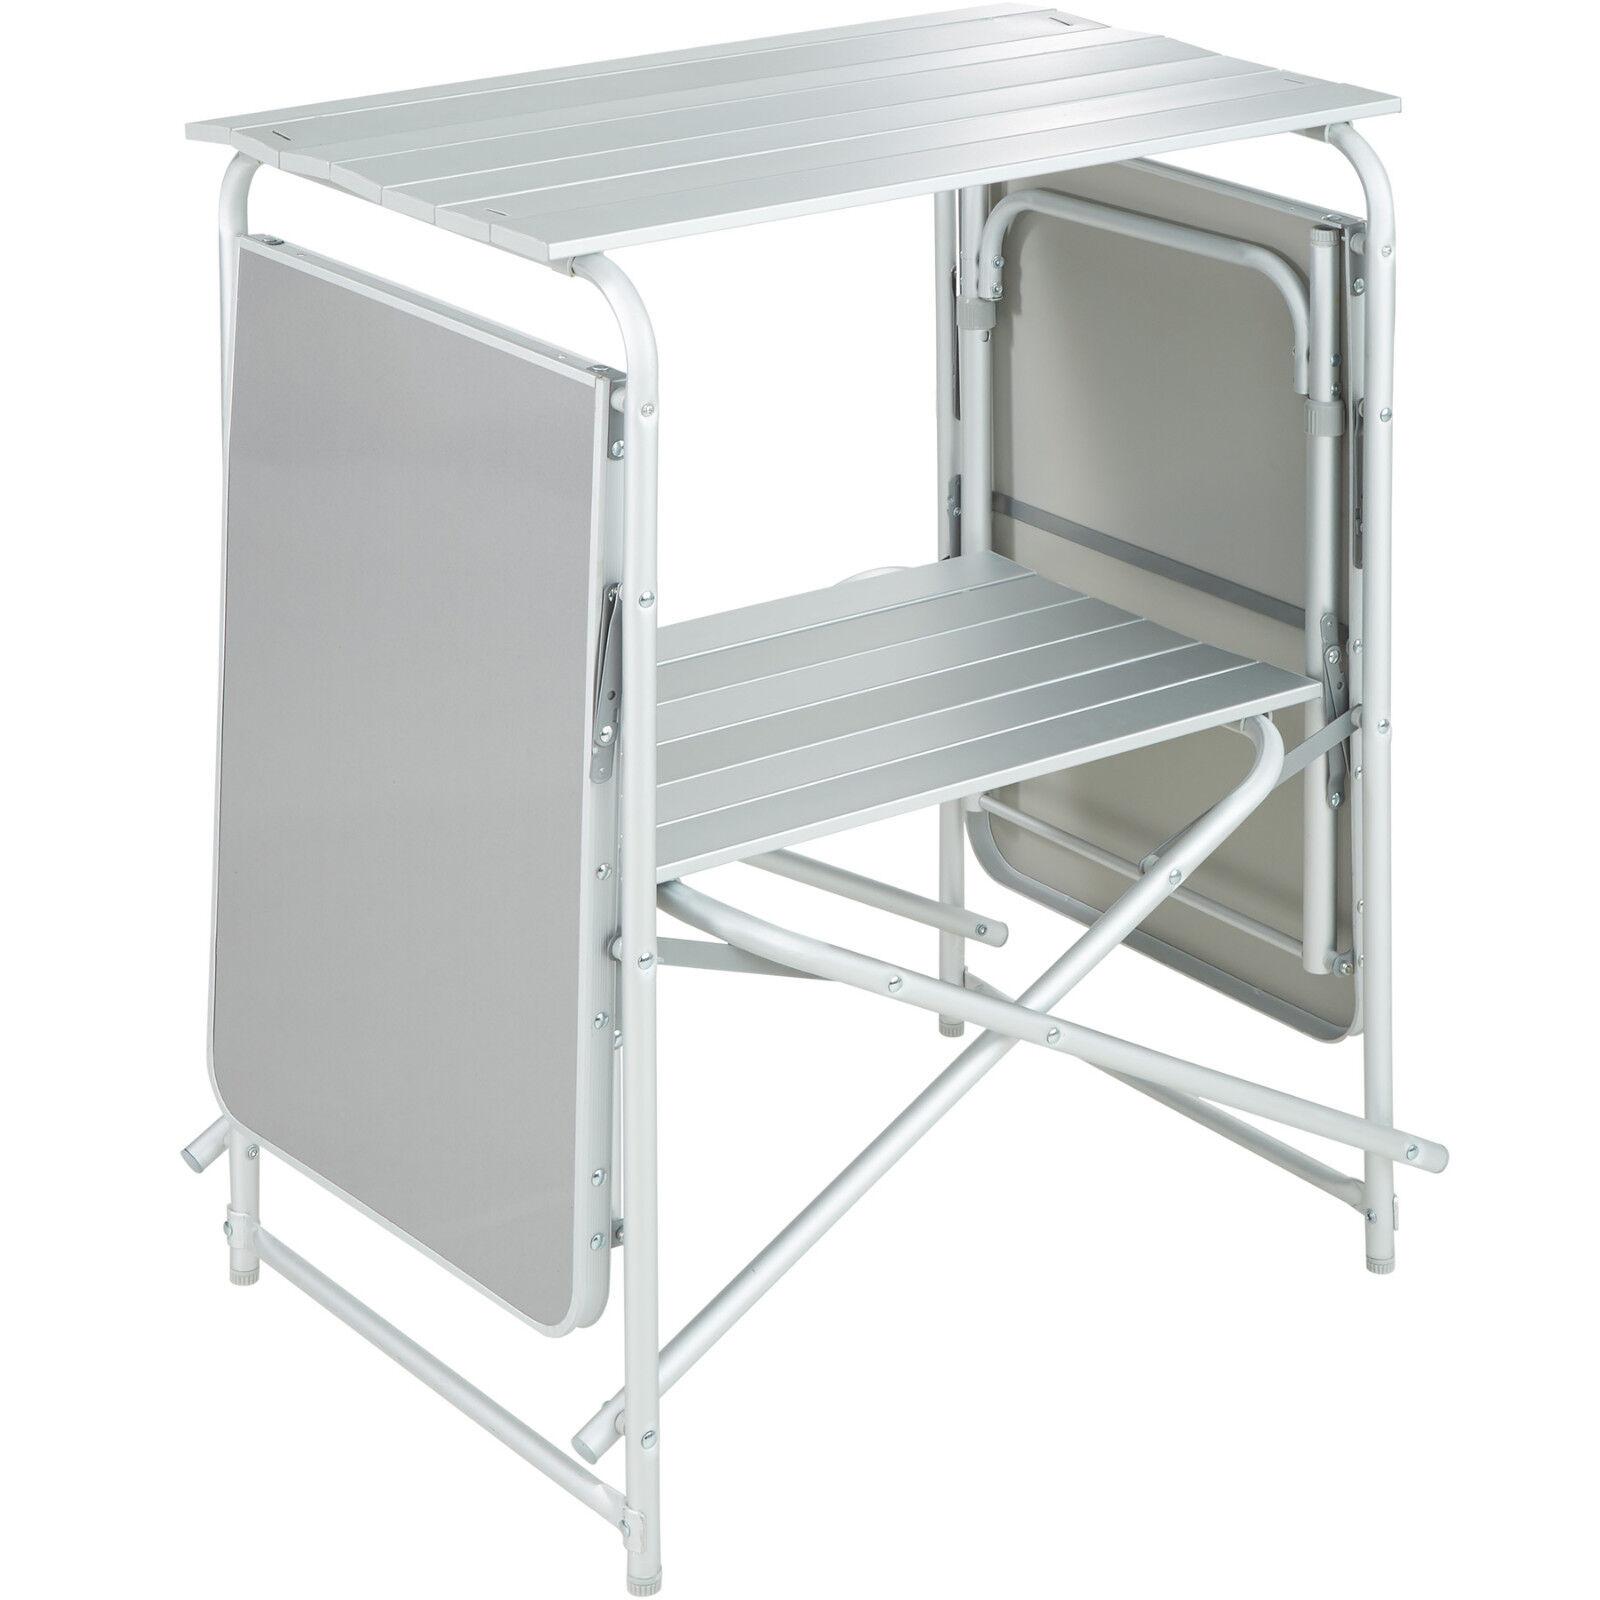 Campingküche Alu Küchenbox Campingschrank Faltschrank faltbar Windschutz Windschutz Windschutz Outdoor c5d816